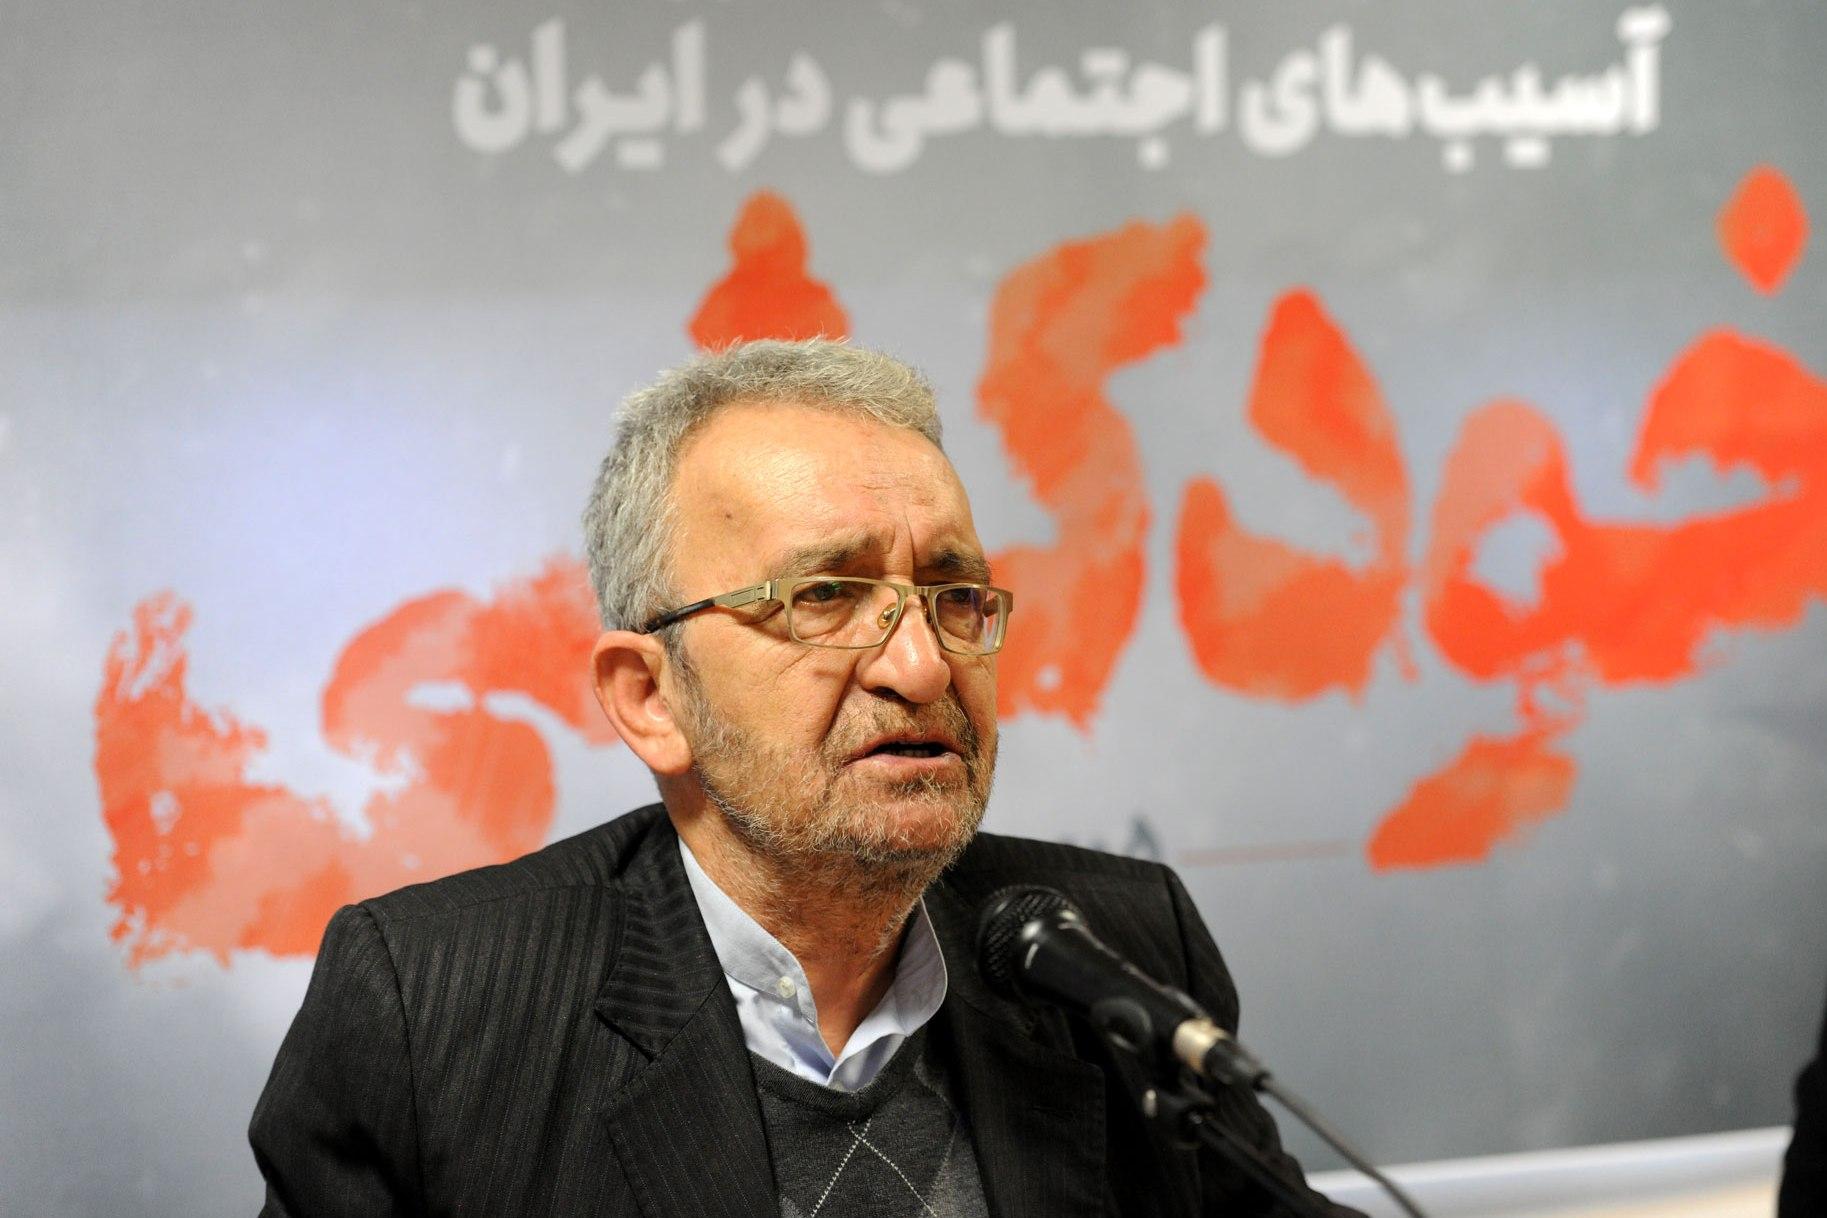 بعضی از ترسها در ذهن نهادینه شده؛ در گفتگو با دکتر مجید ابهری مشاور کمیسیون اجتماعی مجلس/گفتگو از علی کلائی